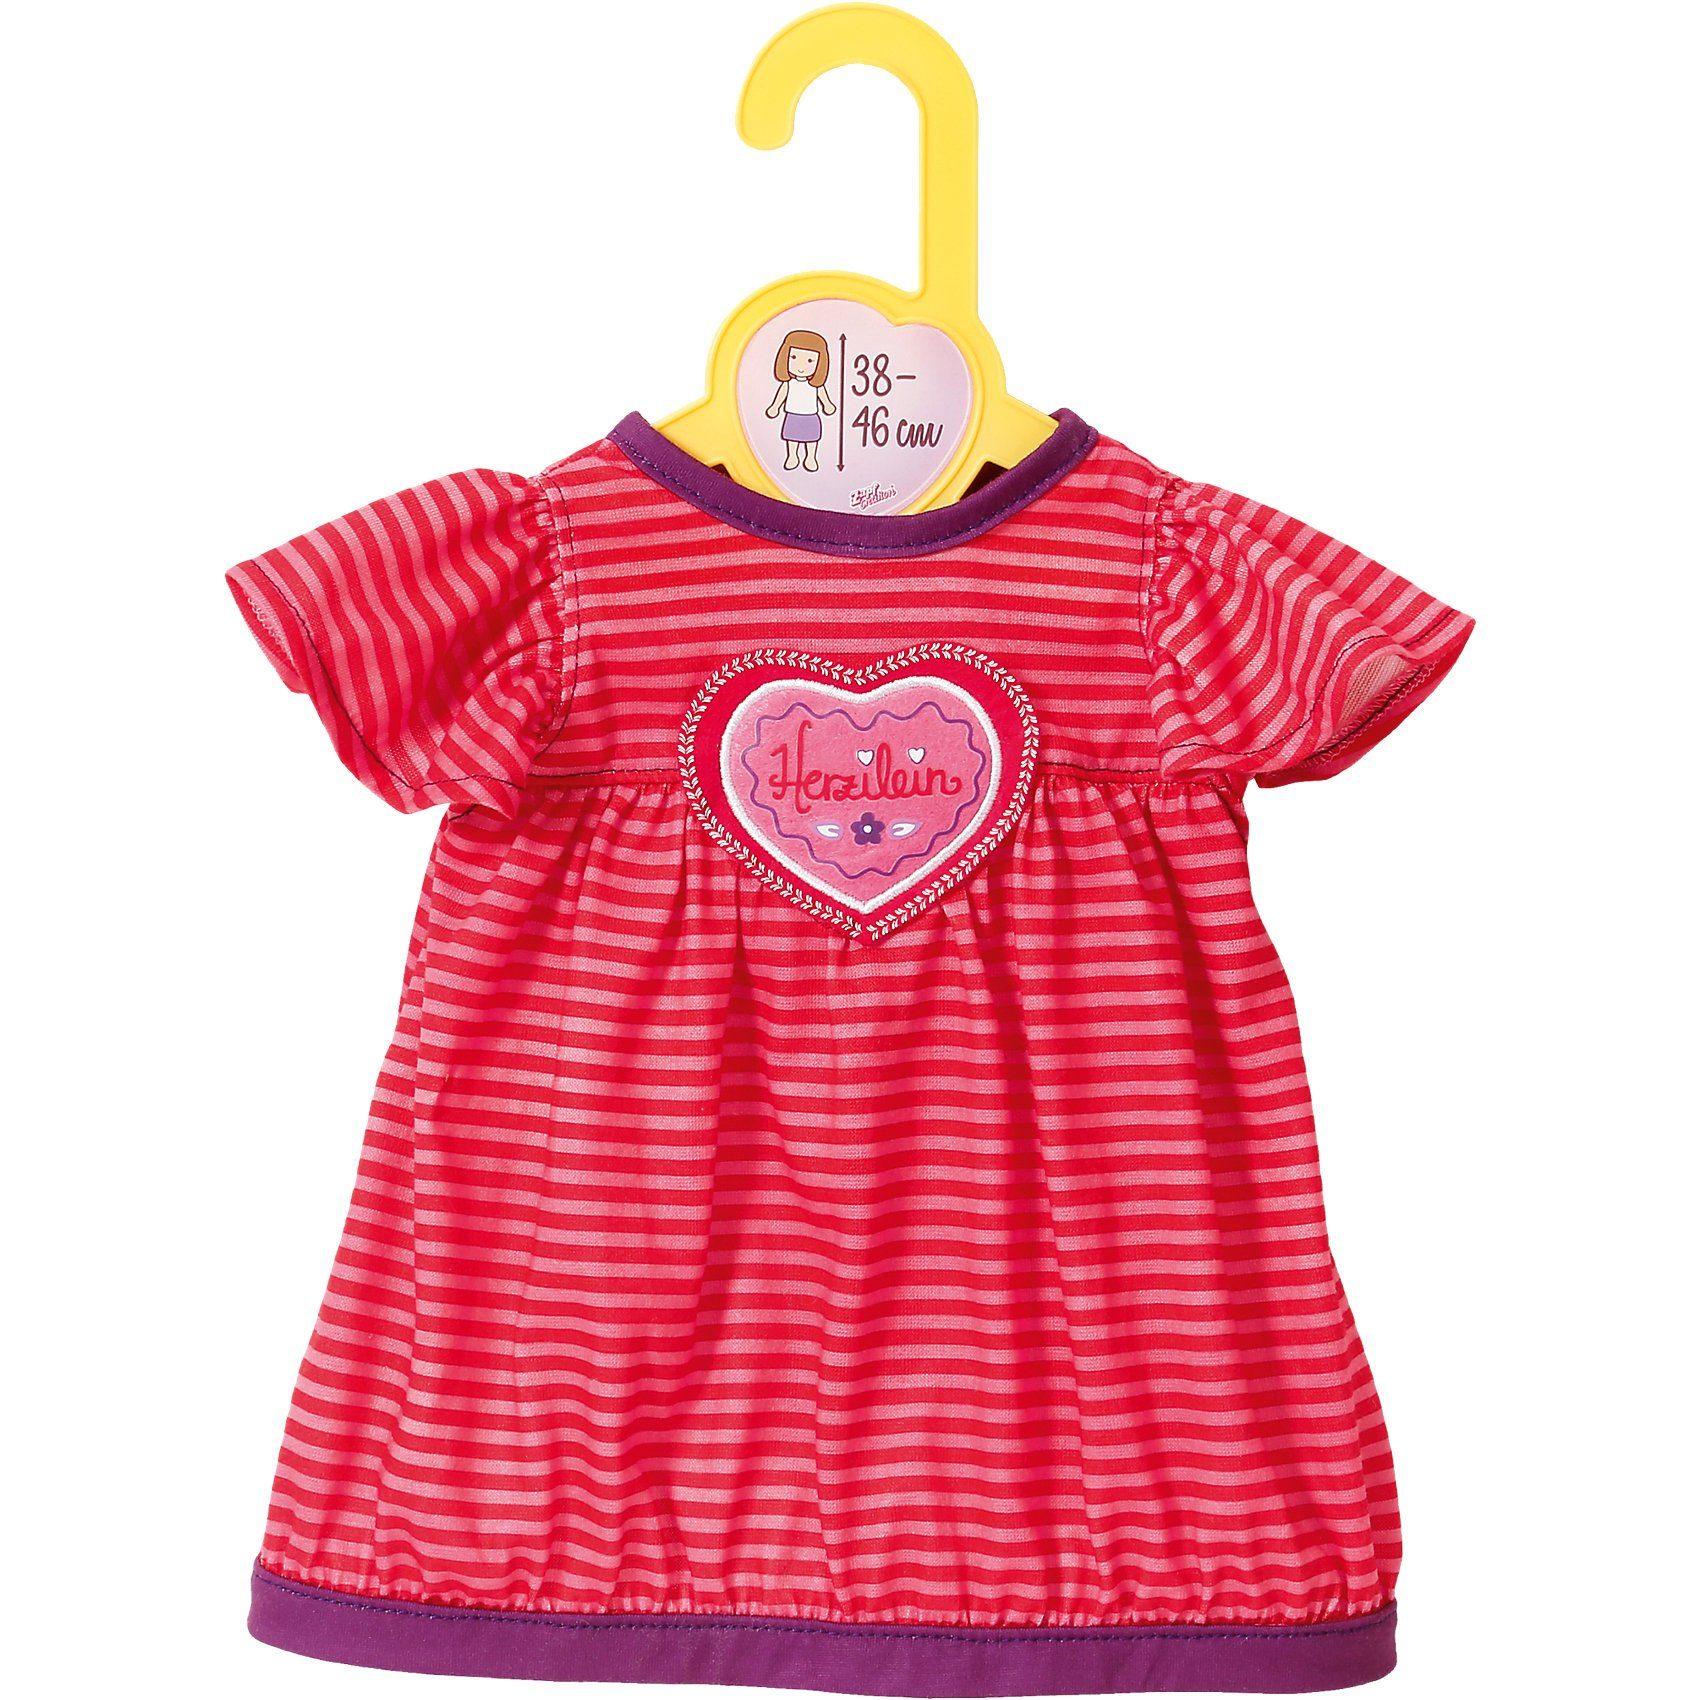 Zapf Creation Dolly Moda Puppenkleidung Schlafkleid 38-46 cm